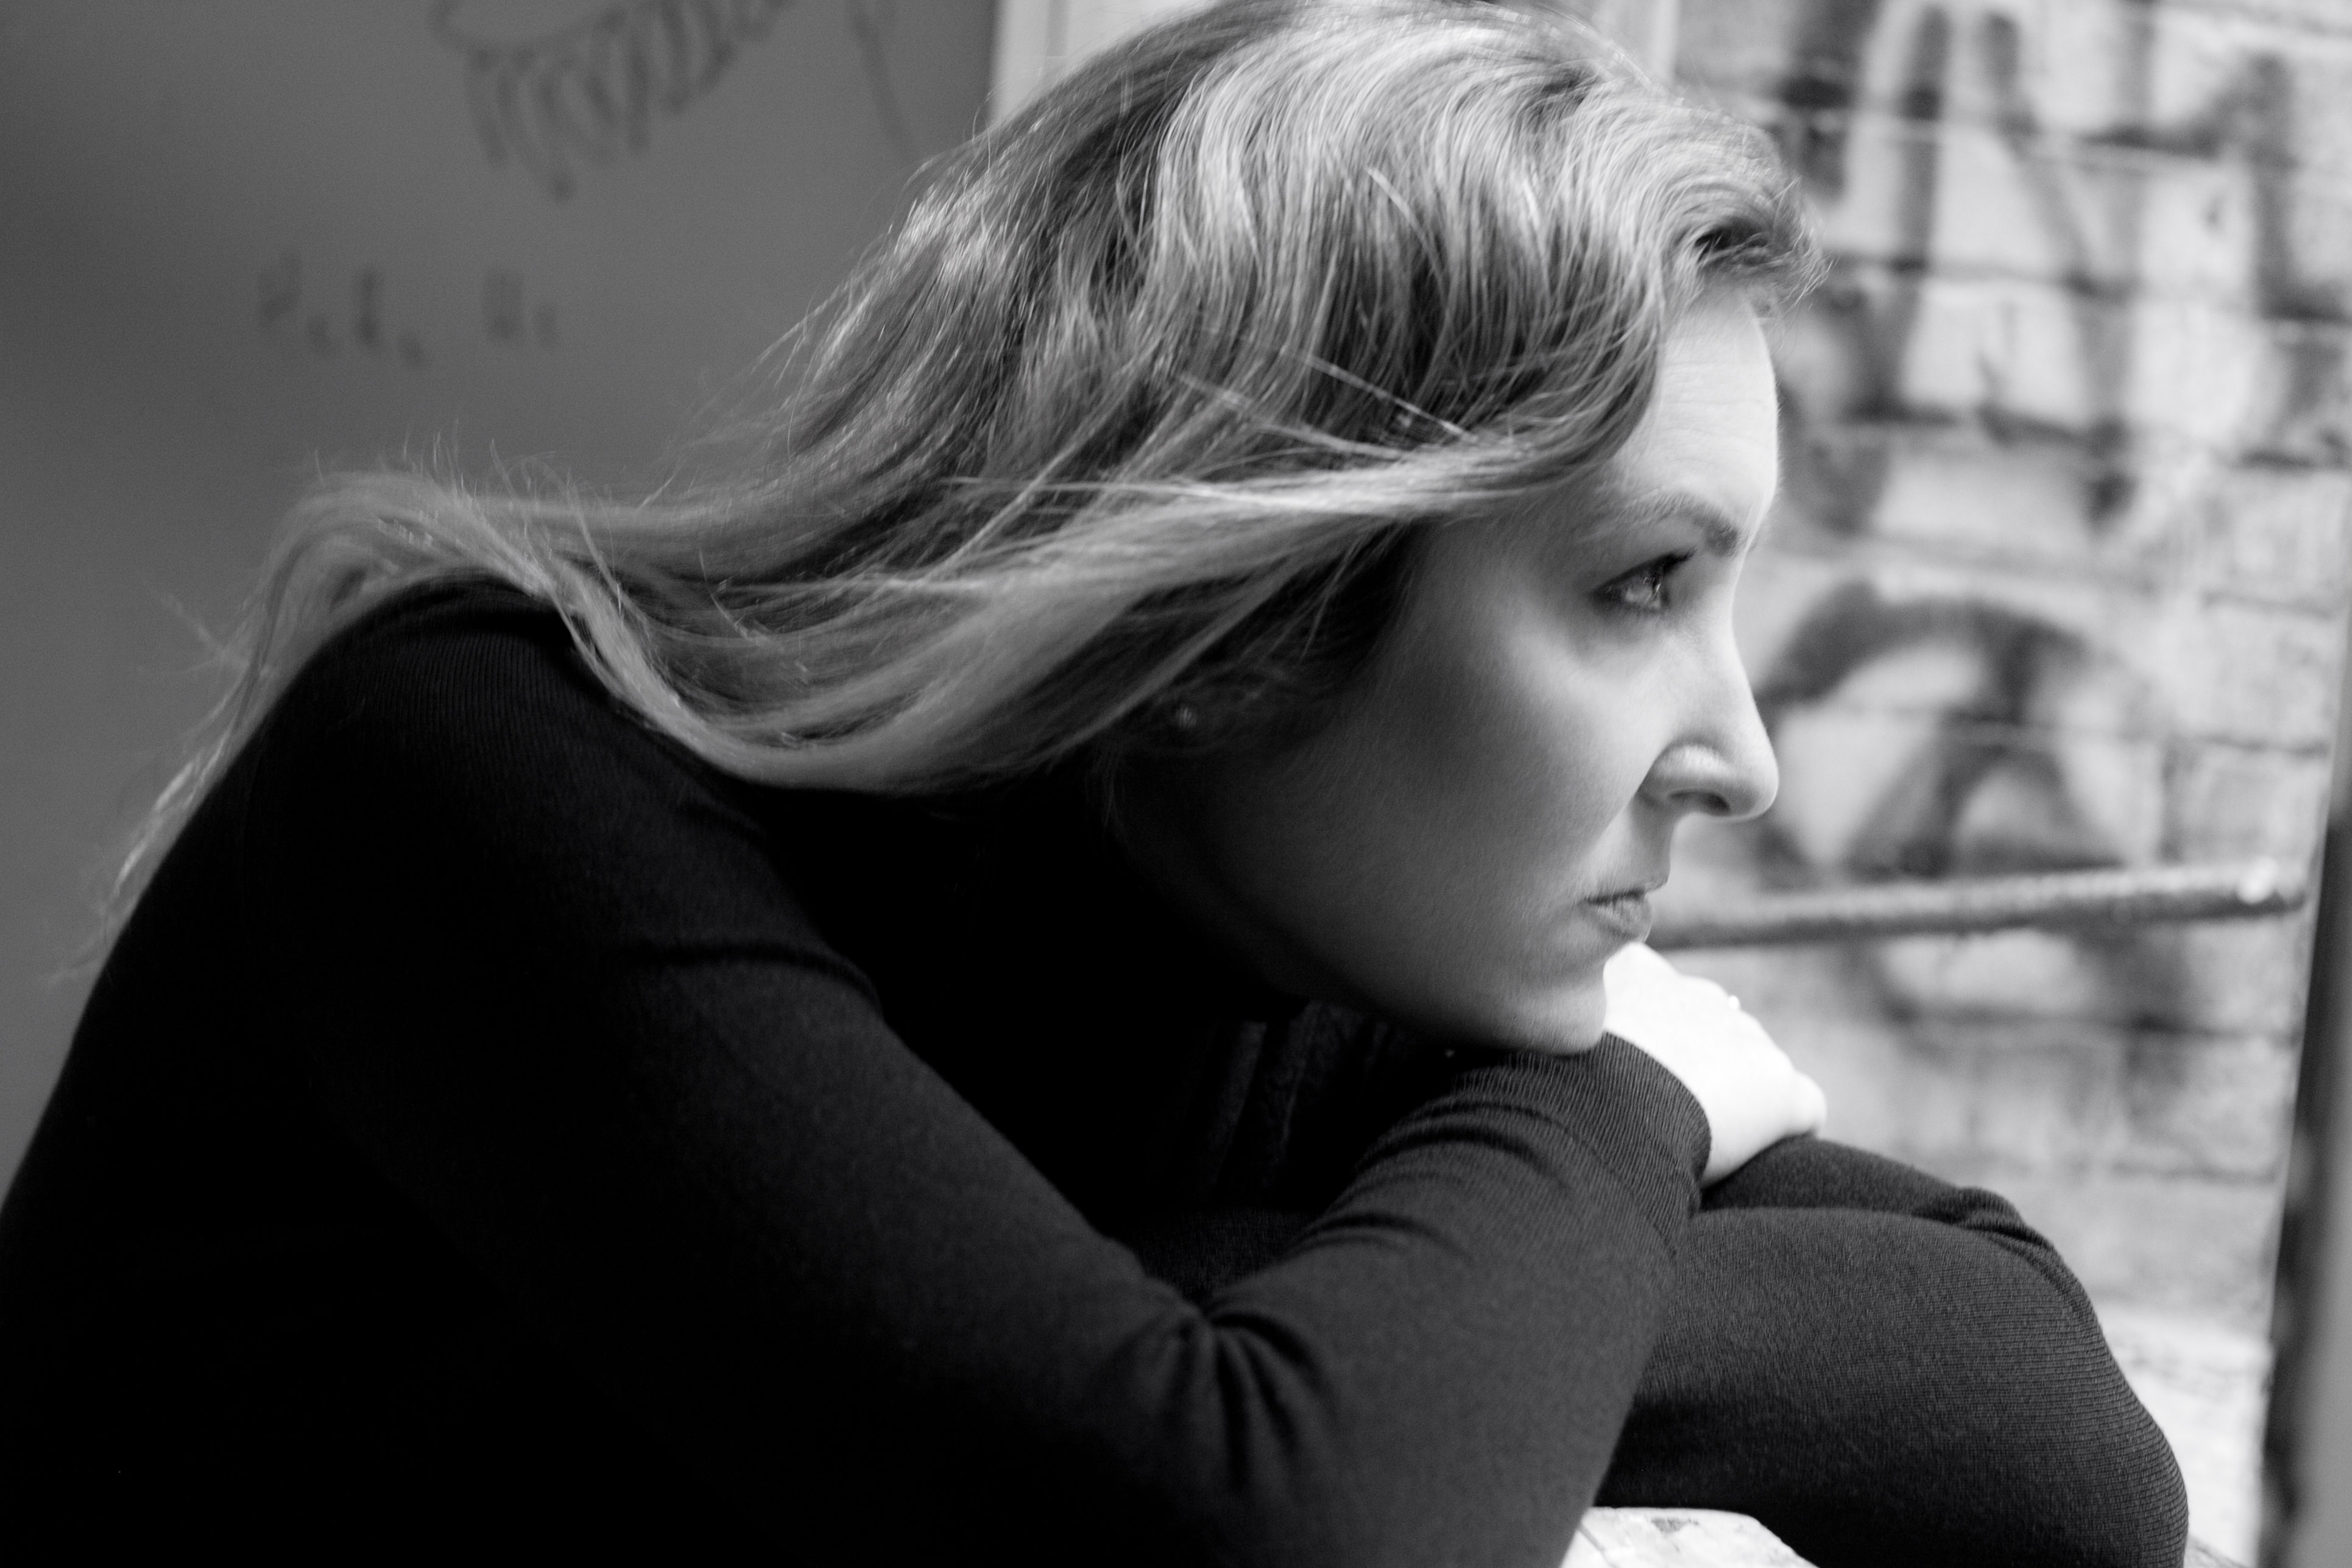 Director Alexa-Sascha Lewin